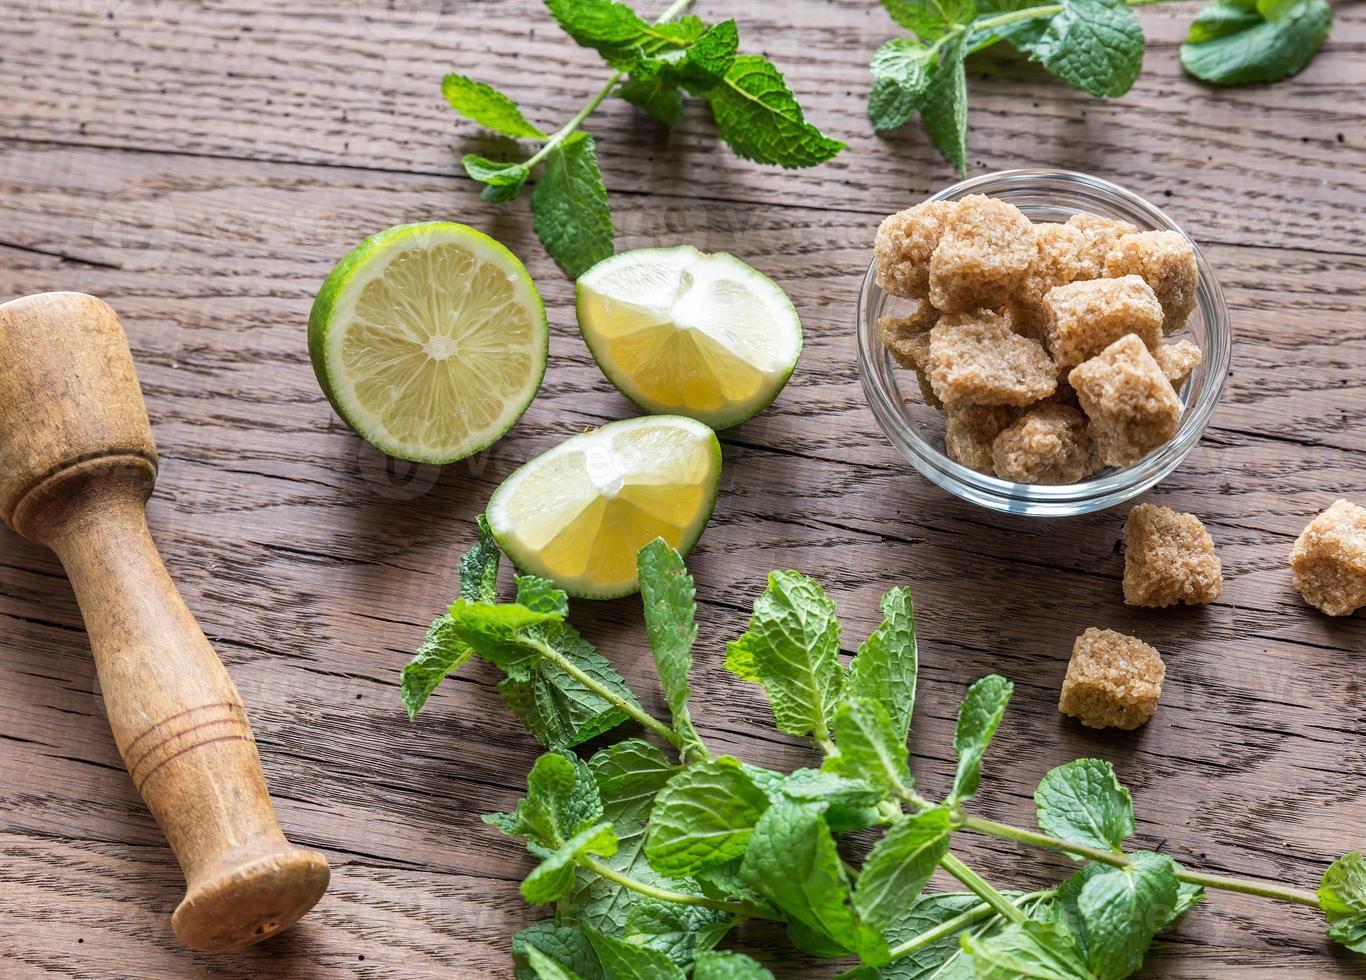 ingrédients pour mojito sur le fond en bois photo